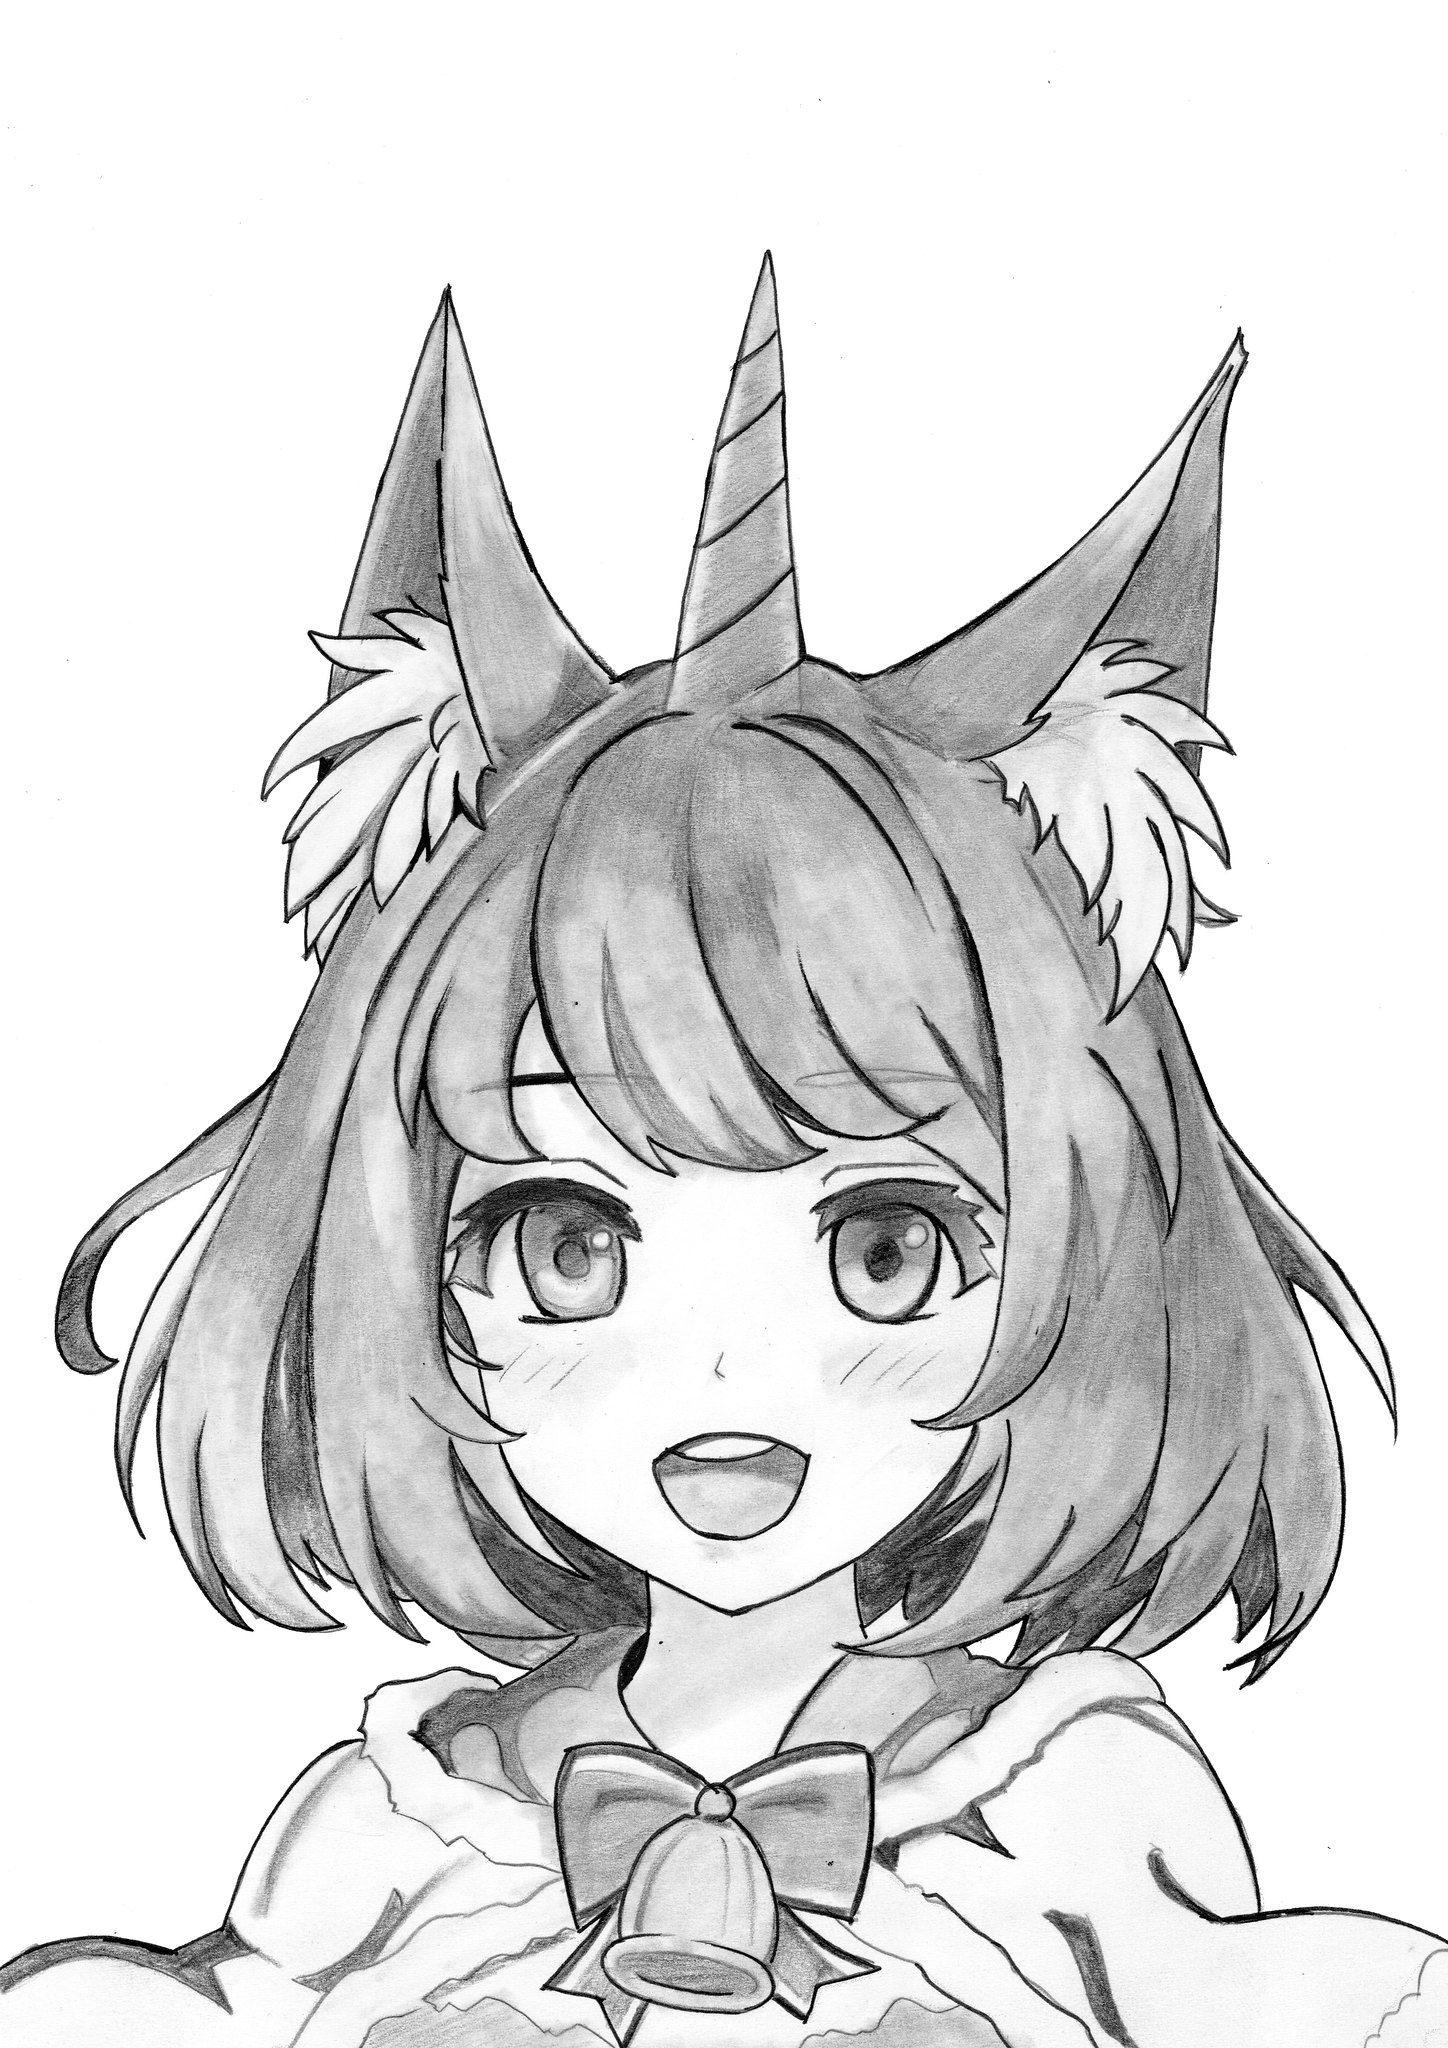 Drawing Cute Anime Unicorn Girl In 2020 Anime Drawings Anime Character Drawing Anime Face Drawing